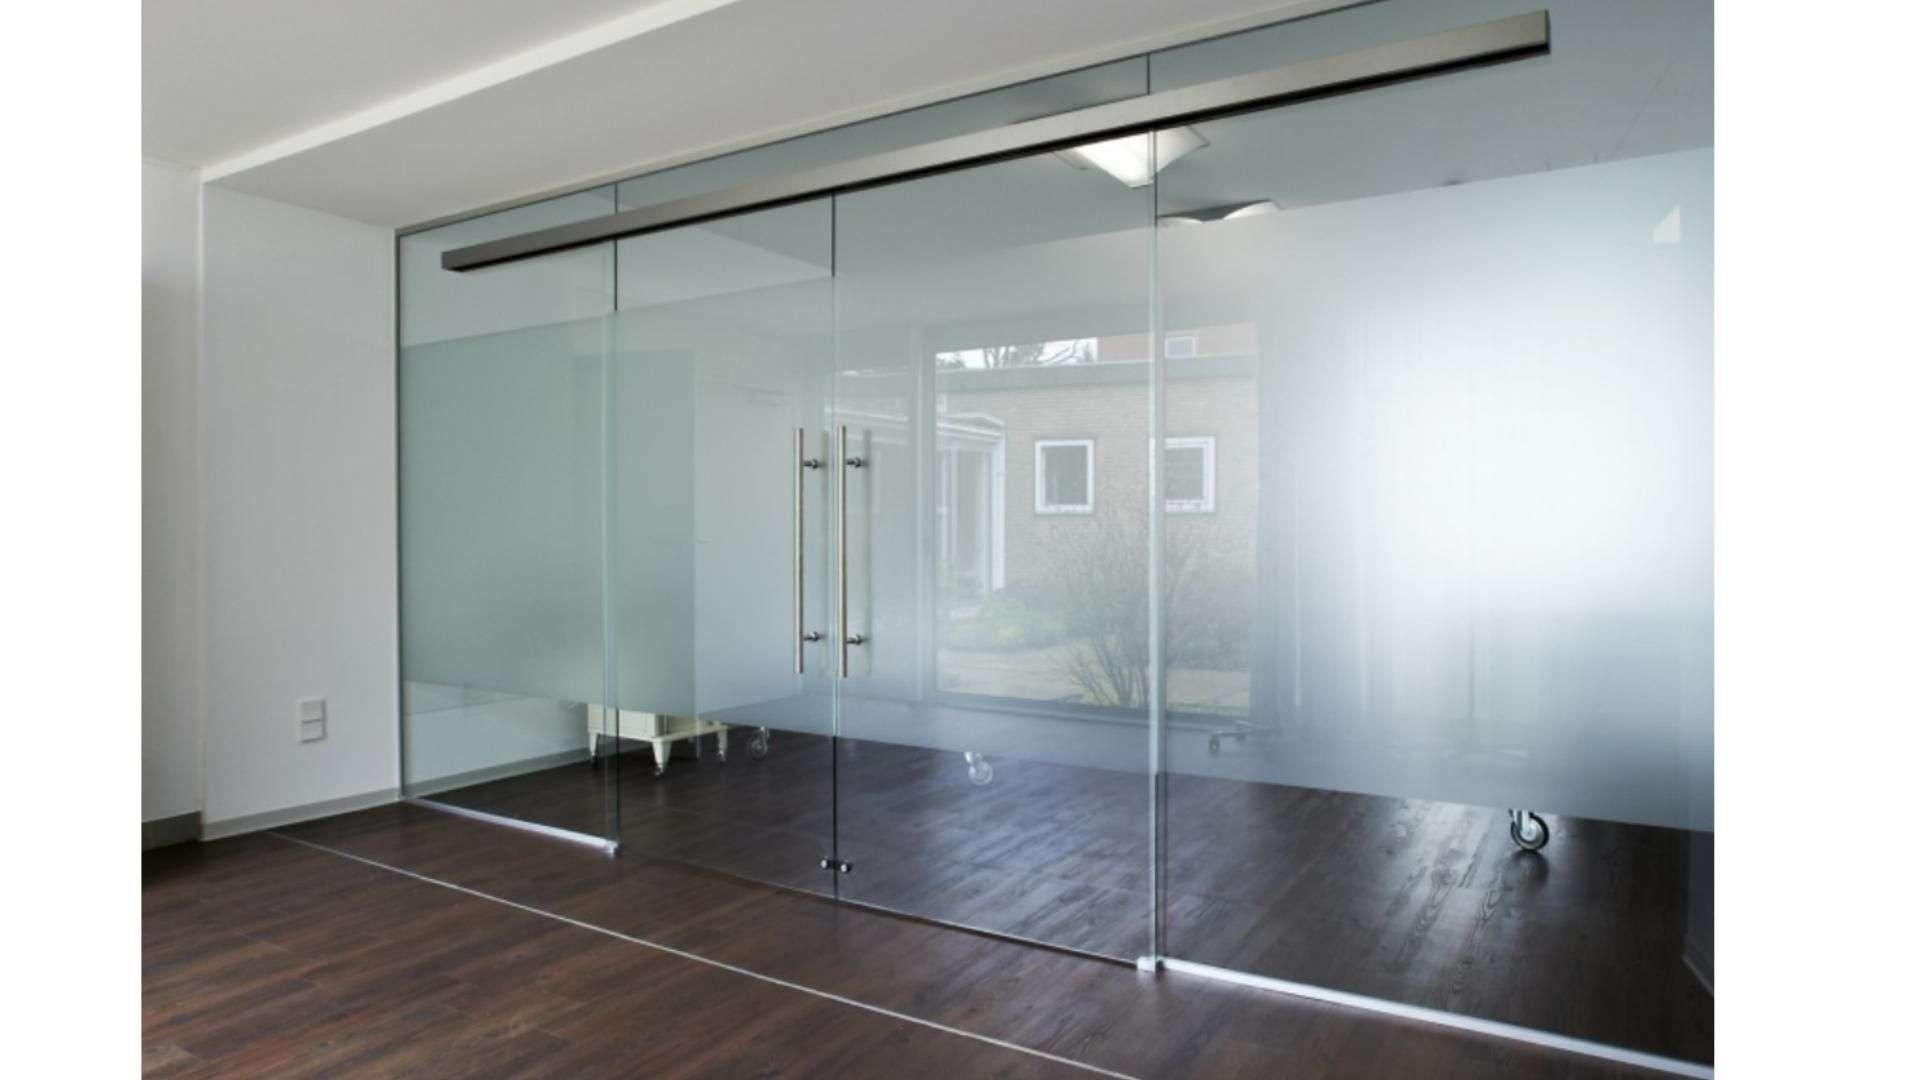 große Schiebetür aus Glas in einem Raum